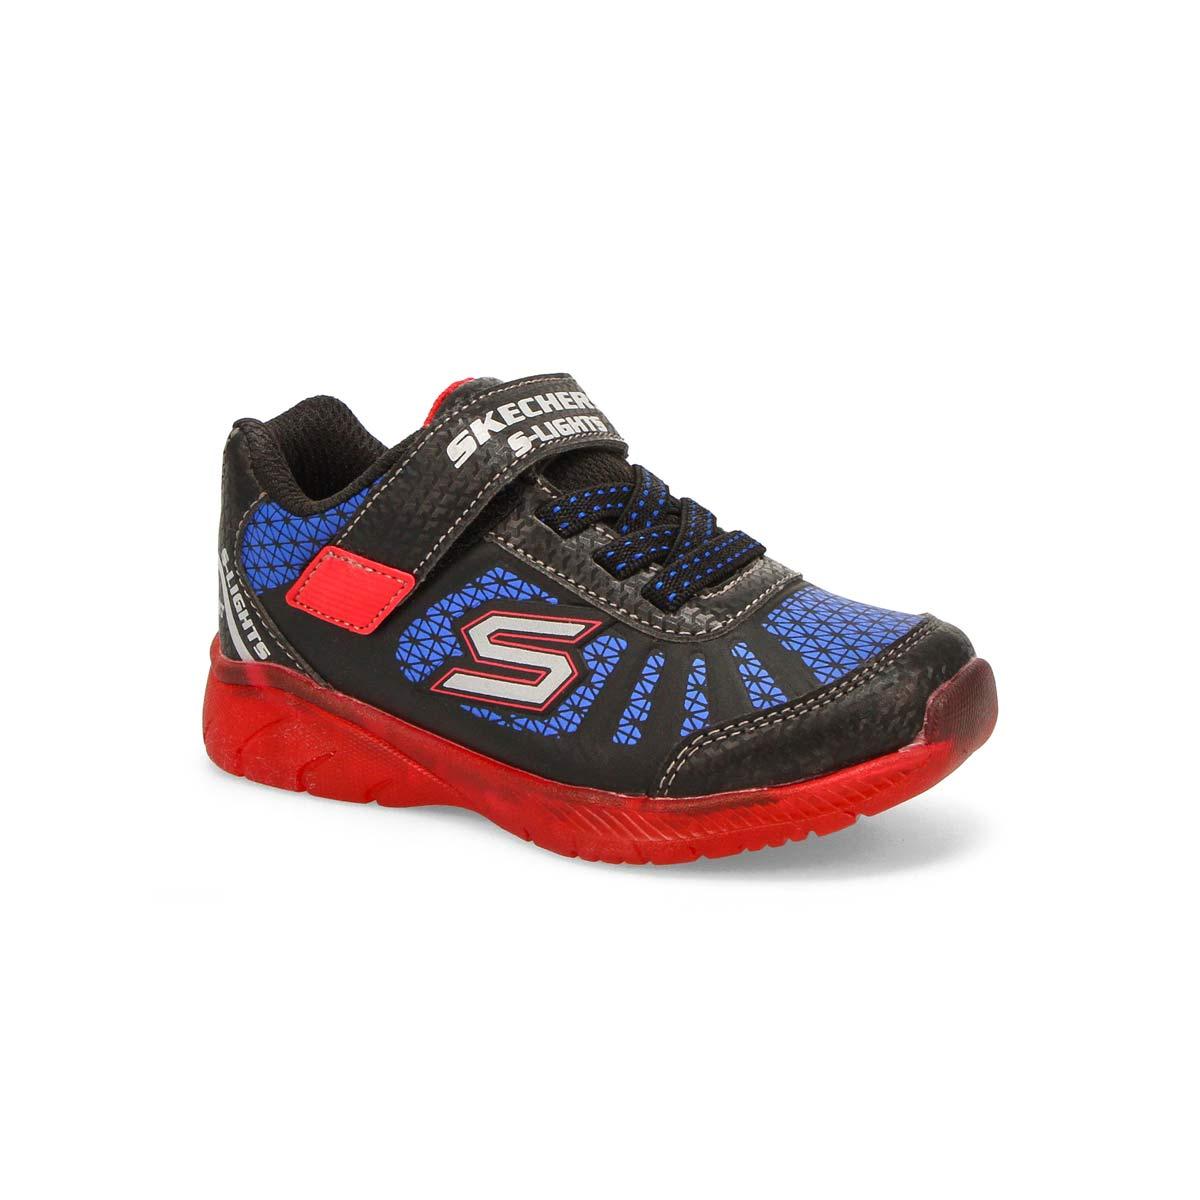 Infants' Illumi-Brights Tuff Track sneaker -Bk/Bl